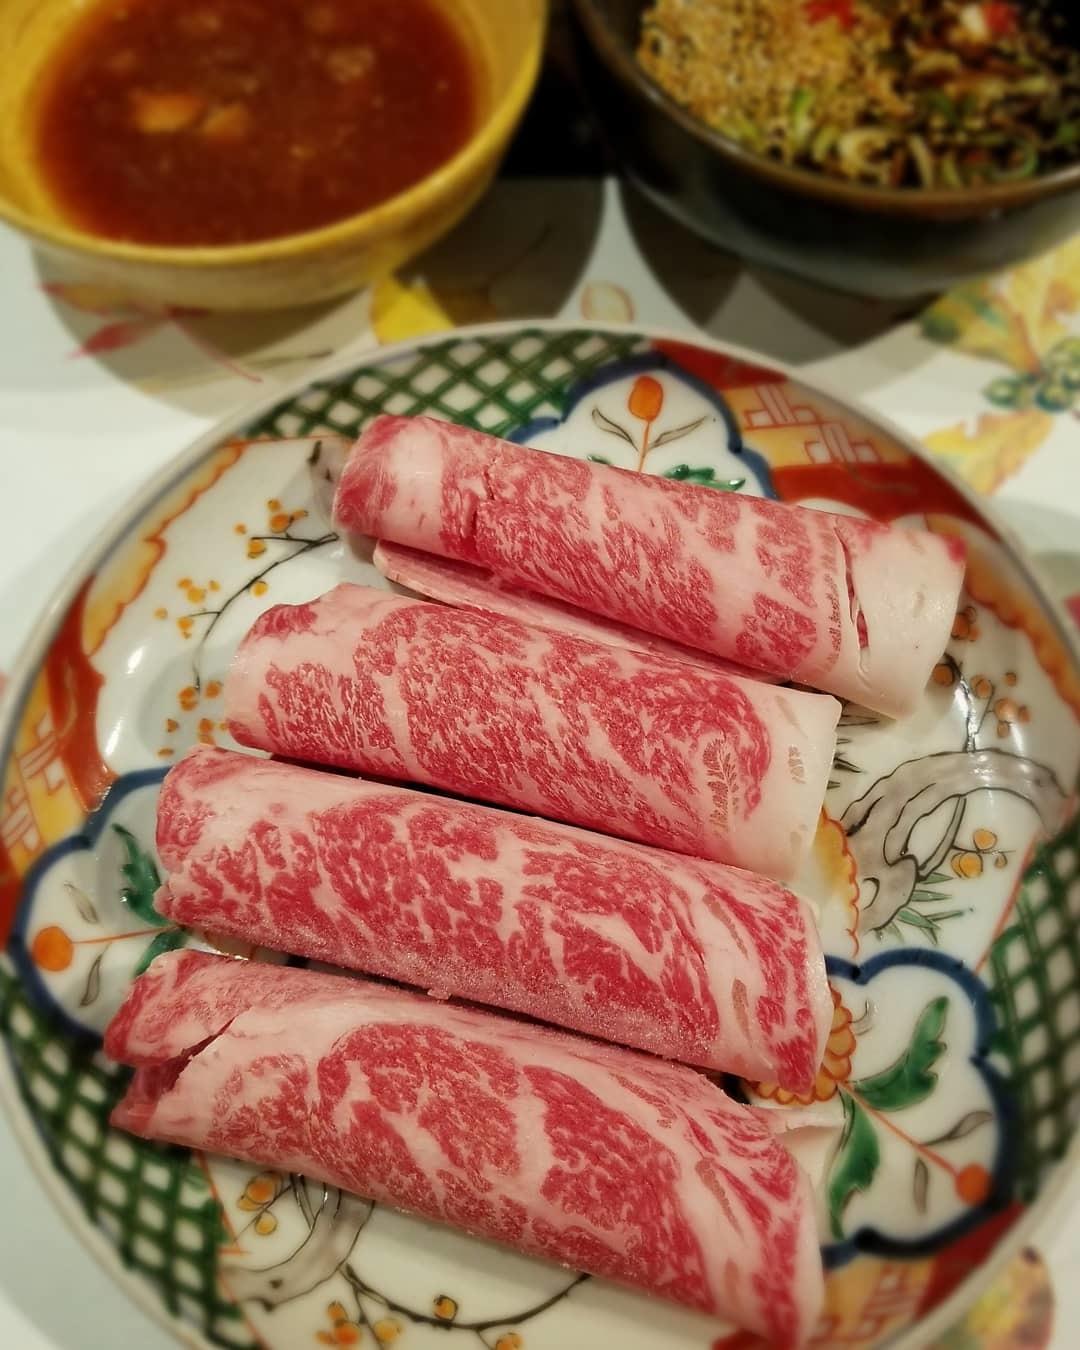 銀婚式のお祝い * 清香園で上等なお肉をいただく♪_f0236260_16064788.jpg